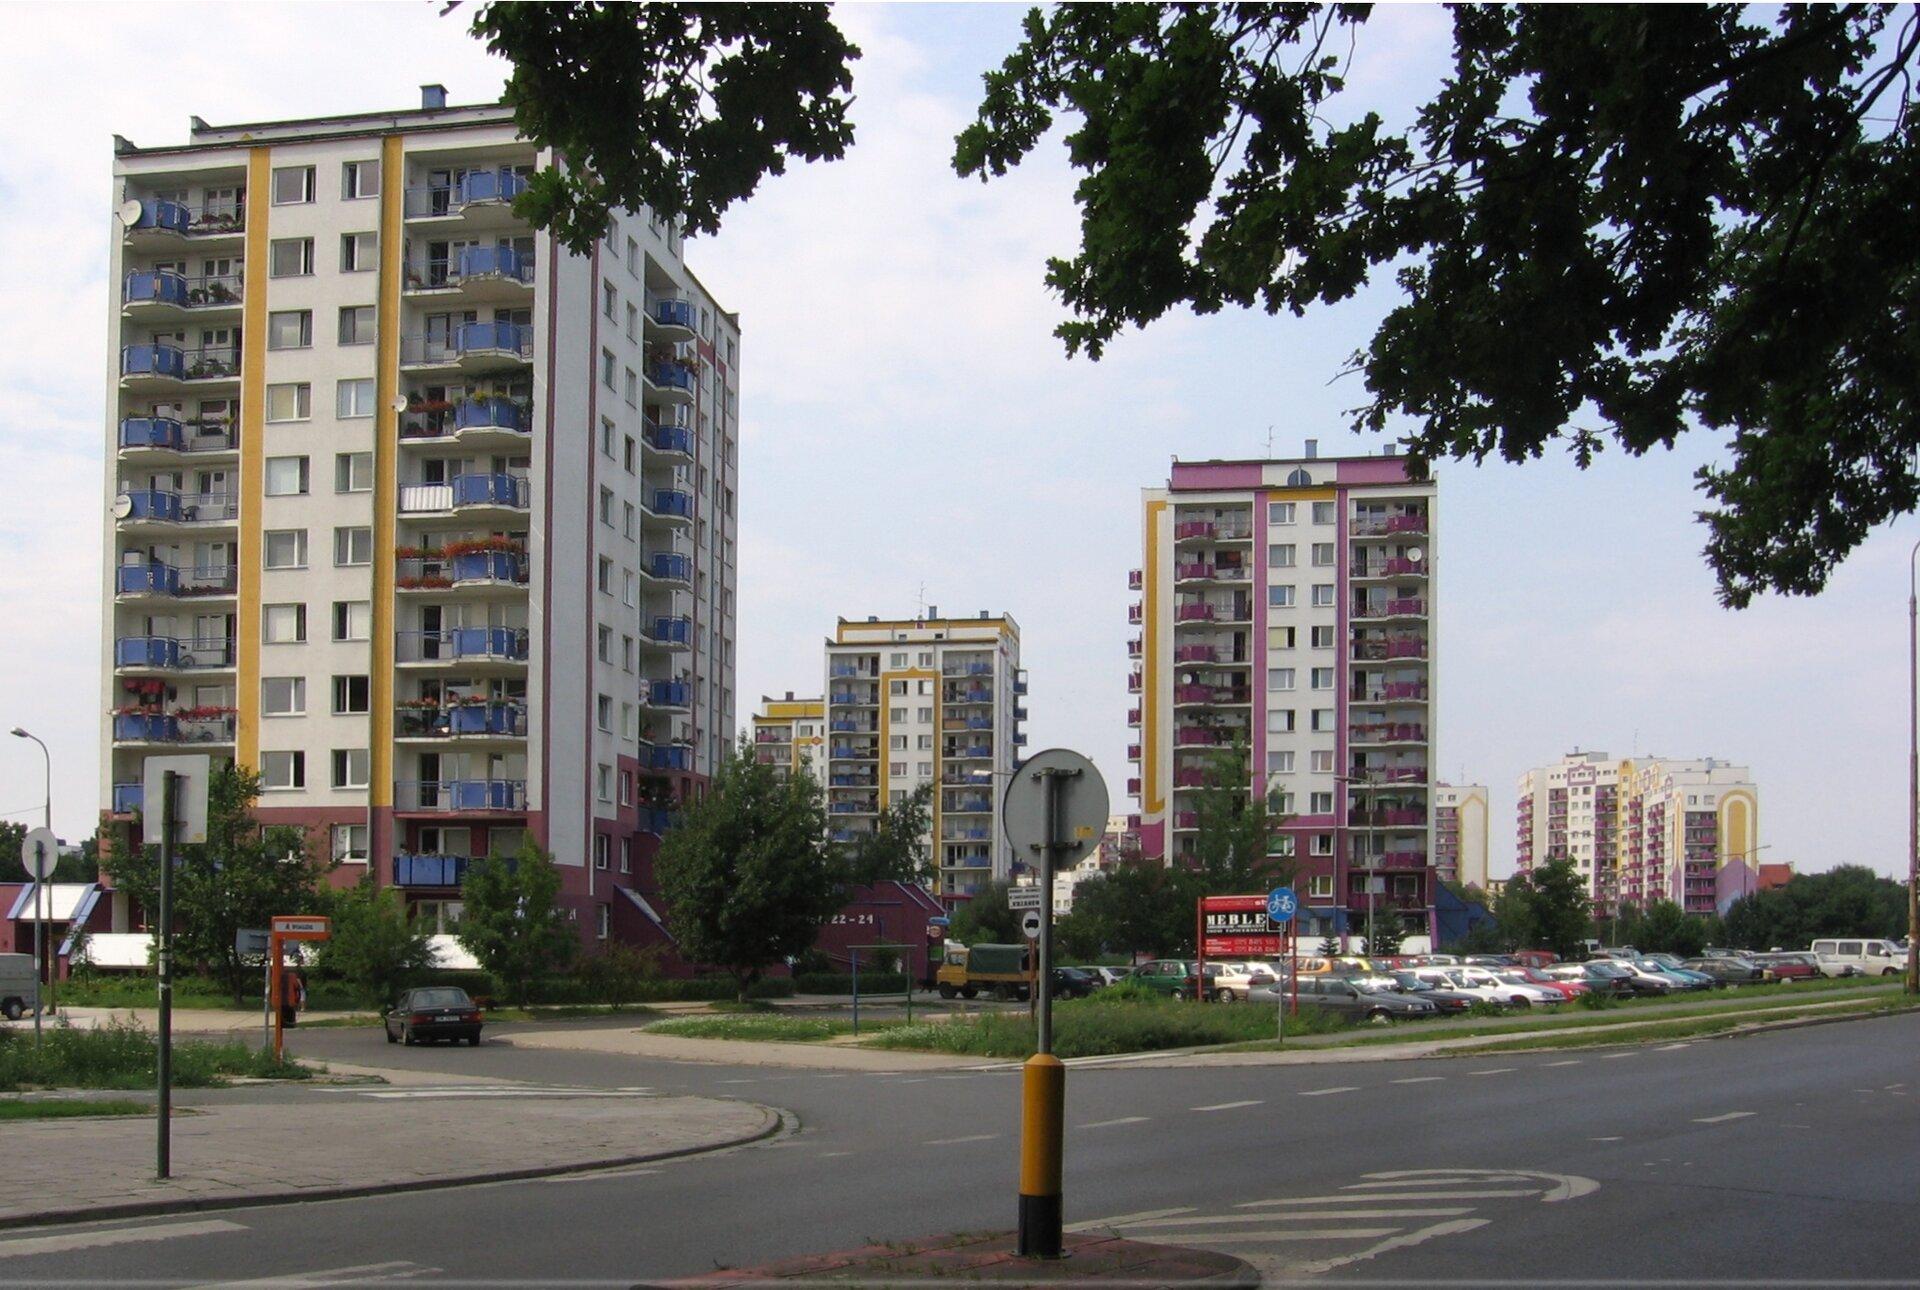 Na zdjęciu wysokie bloki mieszkalne położone przy asfaltowej ulicy. Przed blokami parkingi.